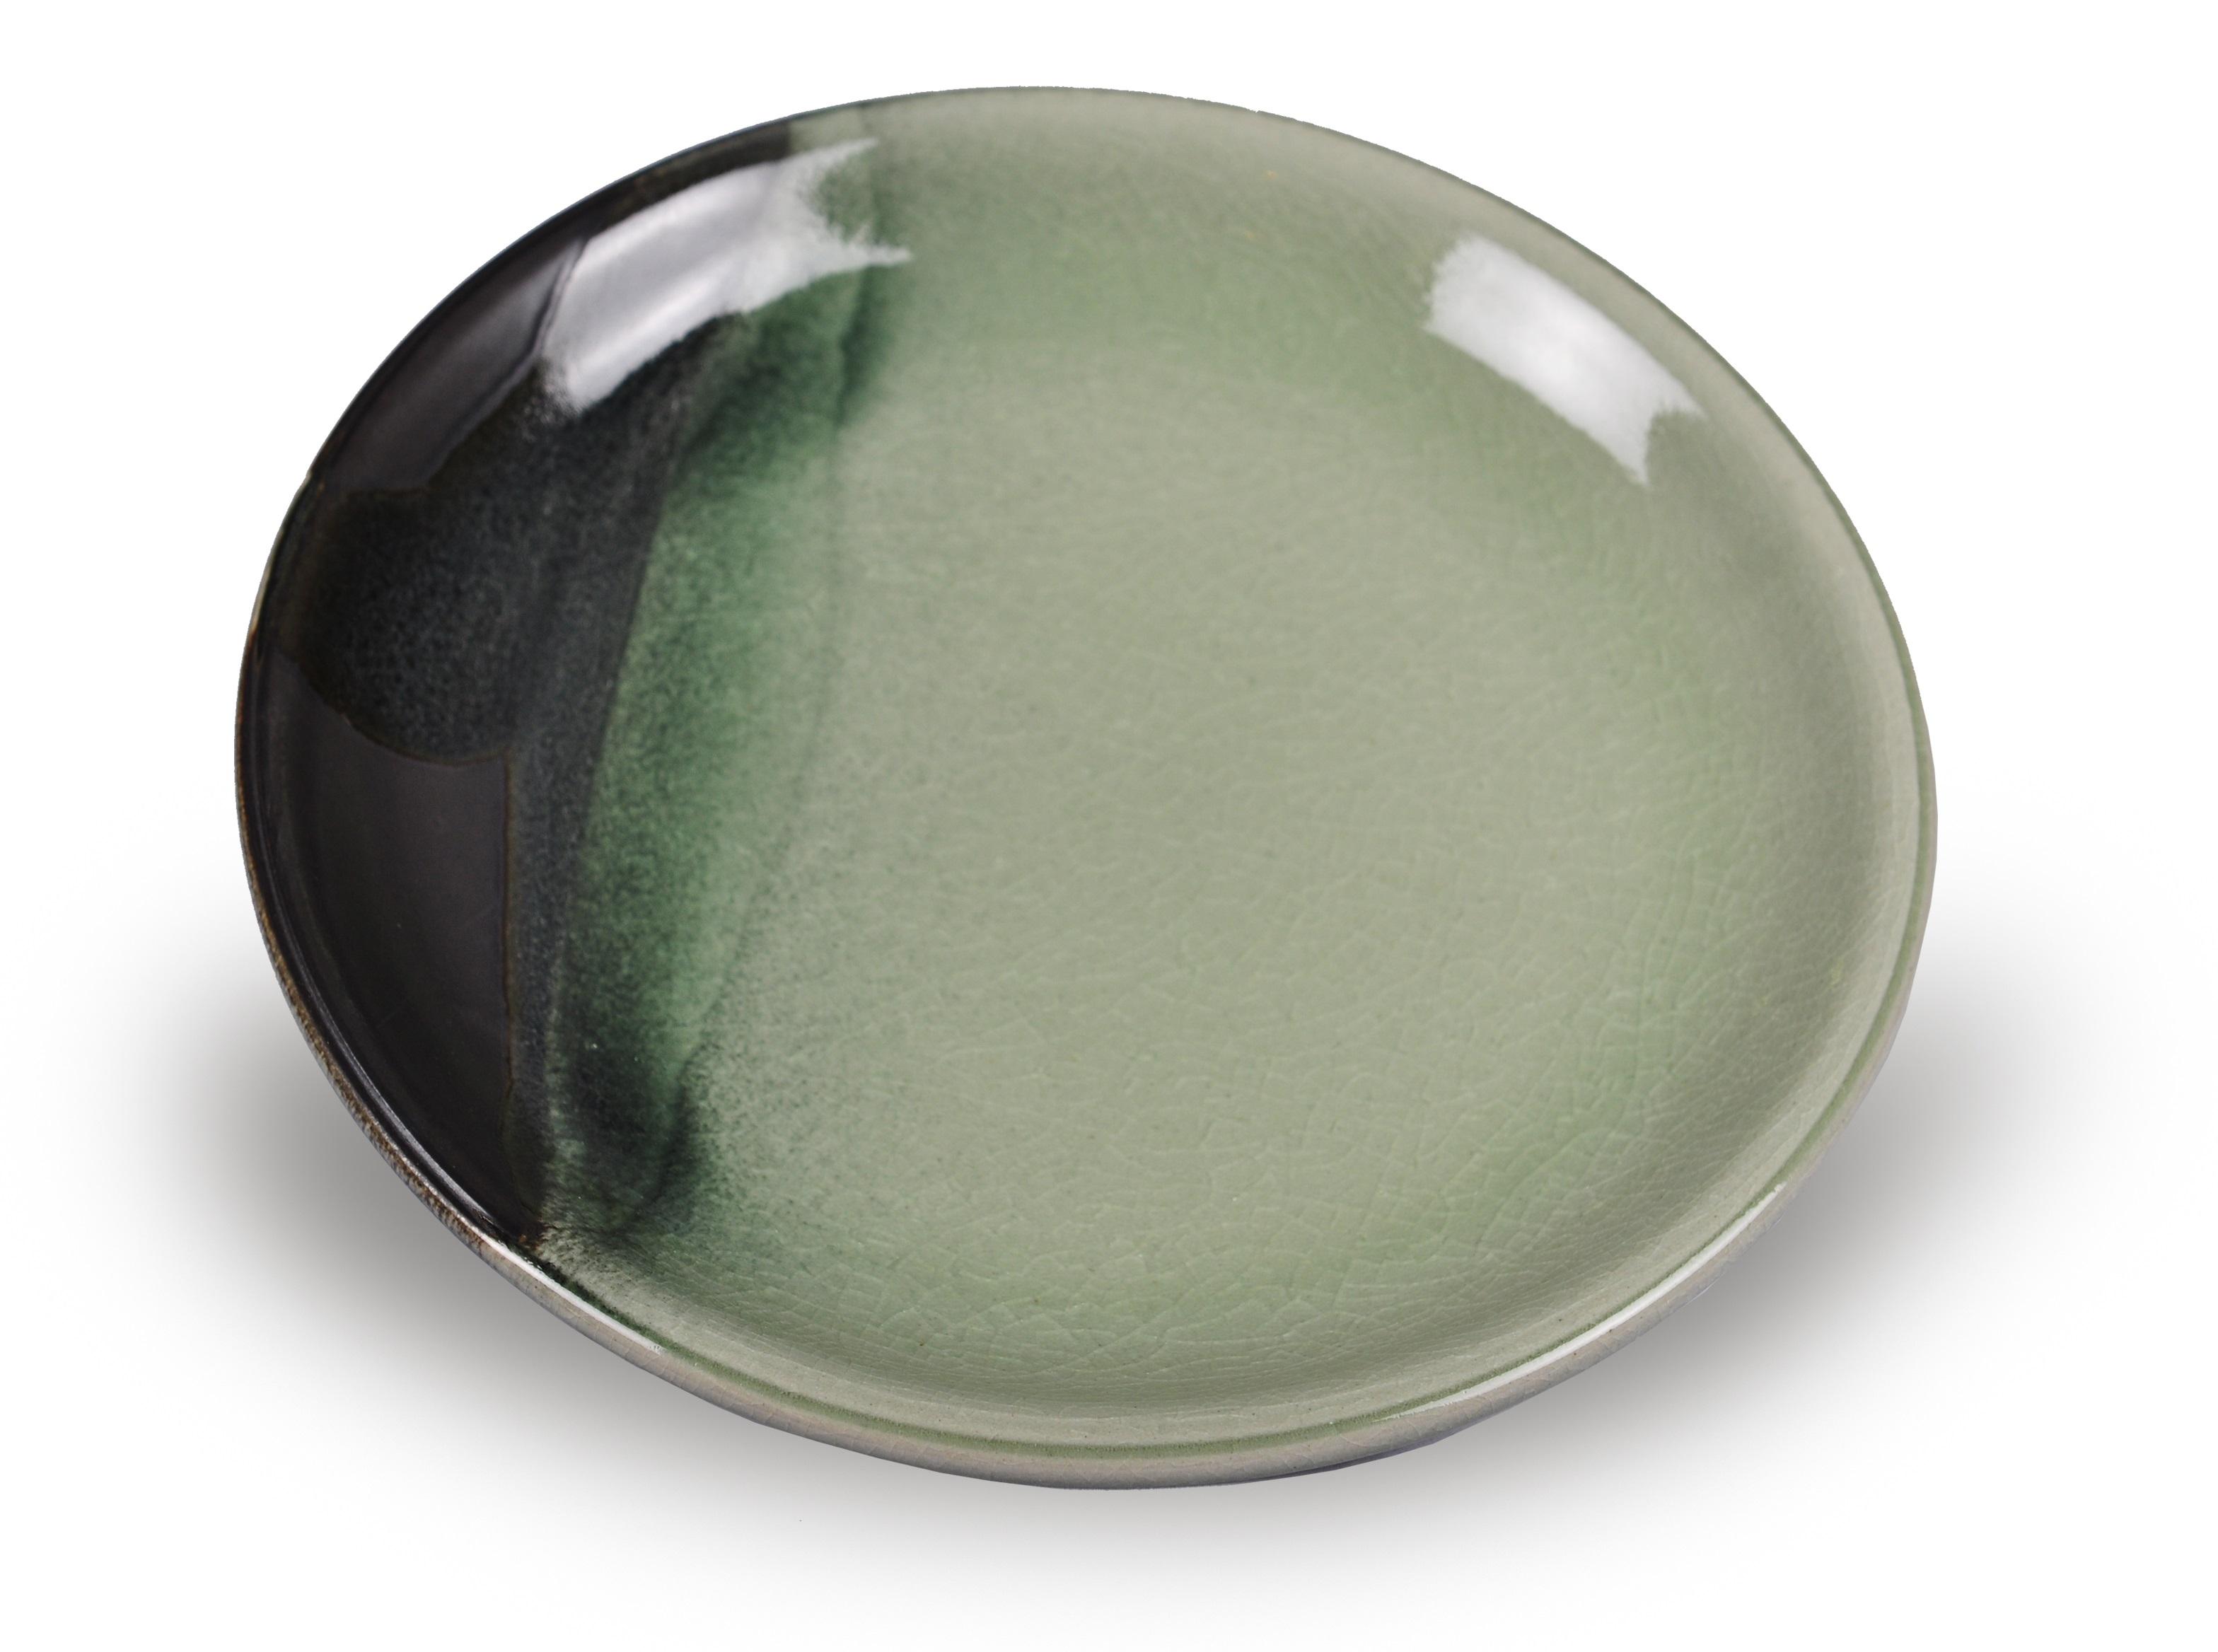 Тарелка AdamarТарелки<br>Цвета посуды из коллекции &amp;quot;Adamar&amp;quot; удивительным образом повторяют естественный градиент нефрита Ланьтянь и Сюянь, редких поделочных сортов, особенно почитаемых в древнем Китае. Красоту нефрита здесь сравнивали с самыми благородными качествами человека. Посуда, созданная в этом стиле, станет прекрасным подароком для тех, кто ценит традиции и стиль.<br><br>Material: Керамика<br>Высота см: 2